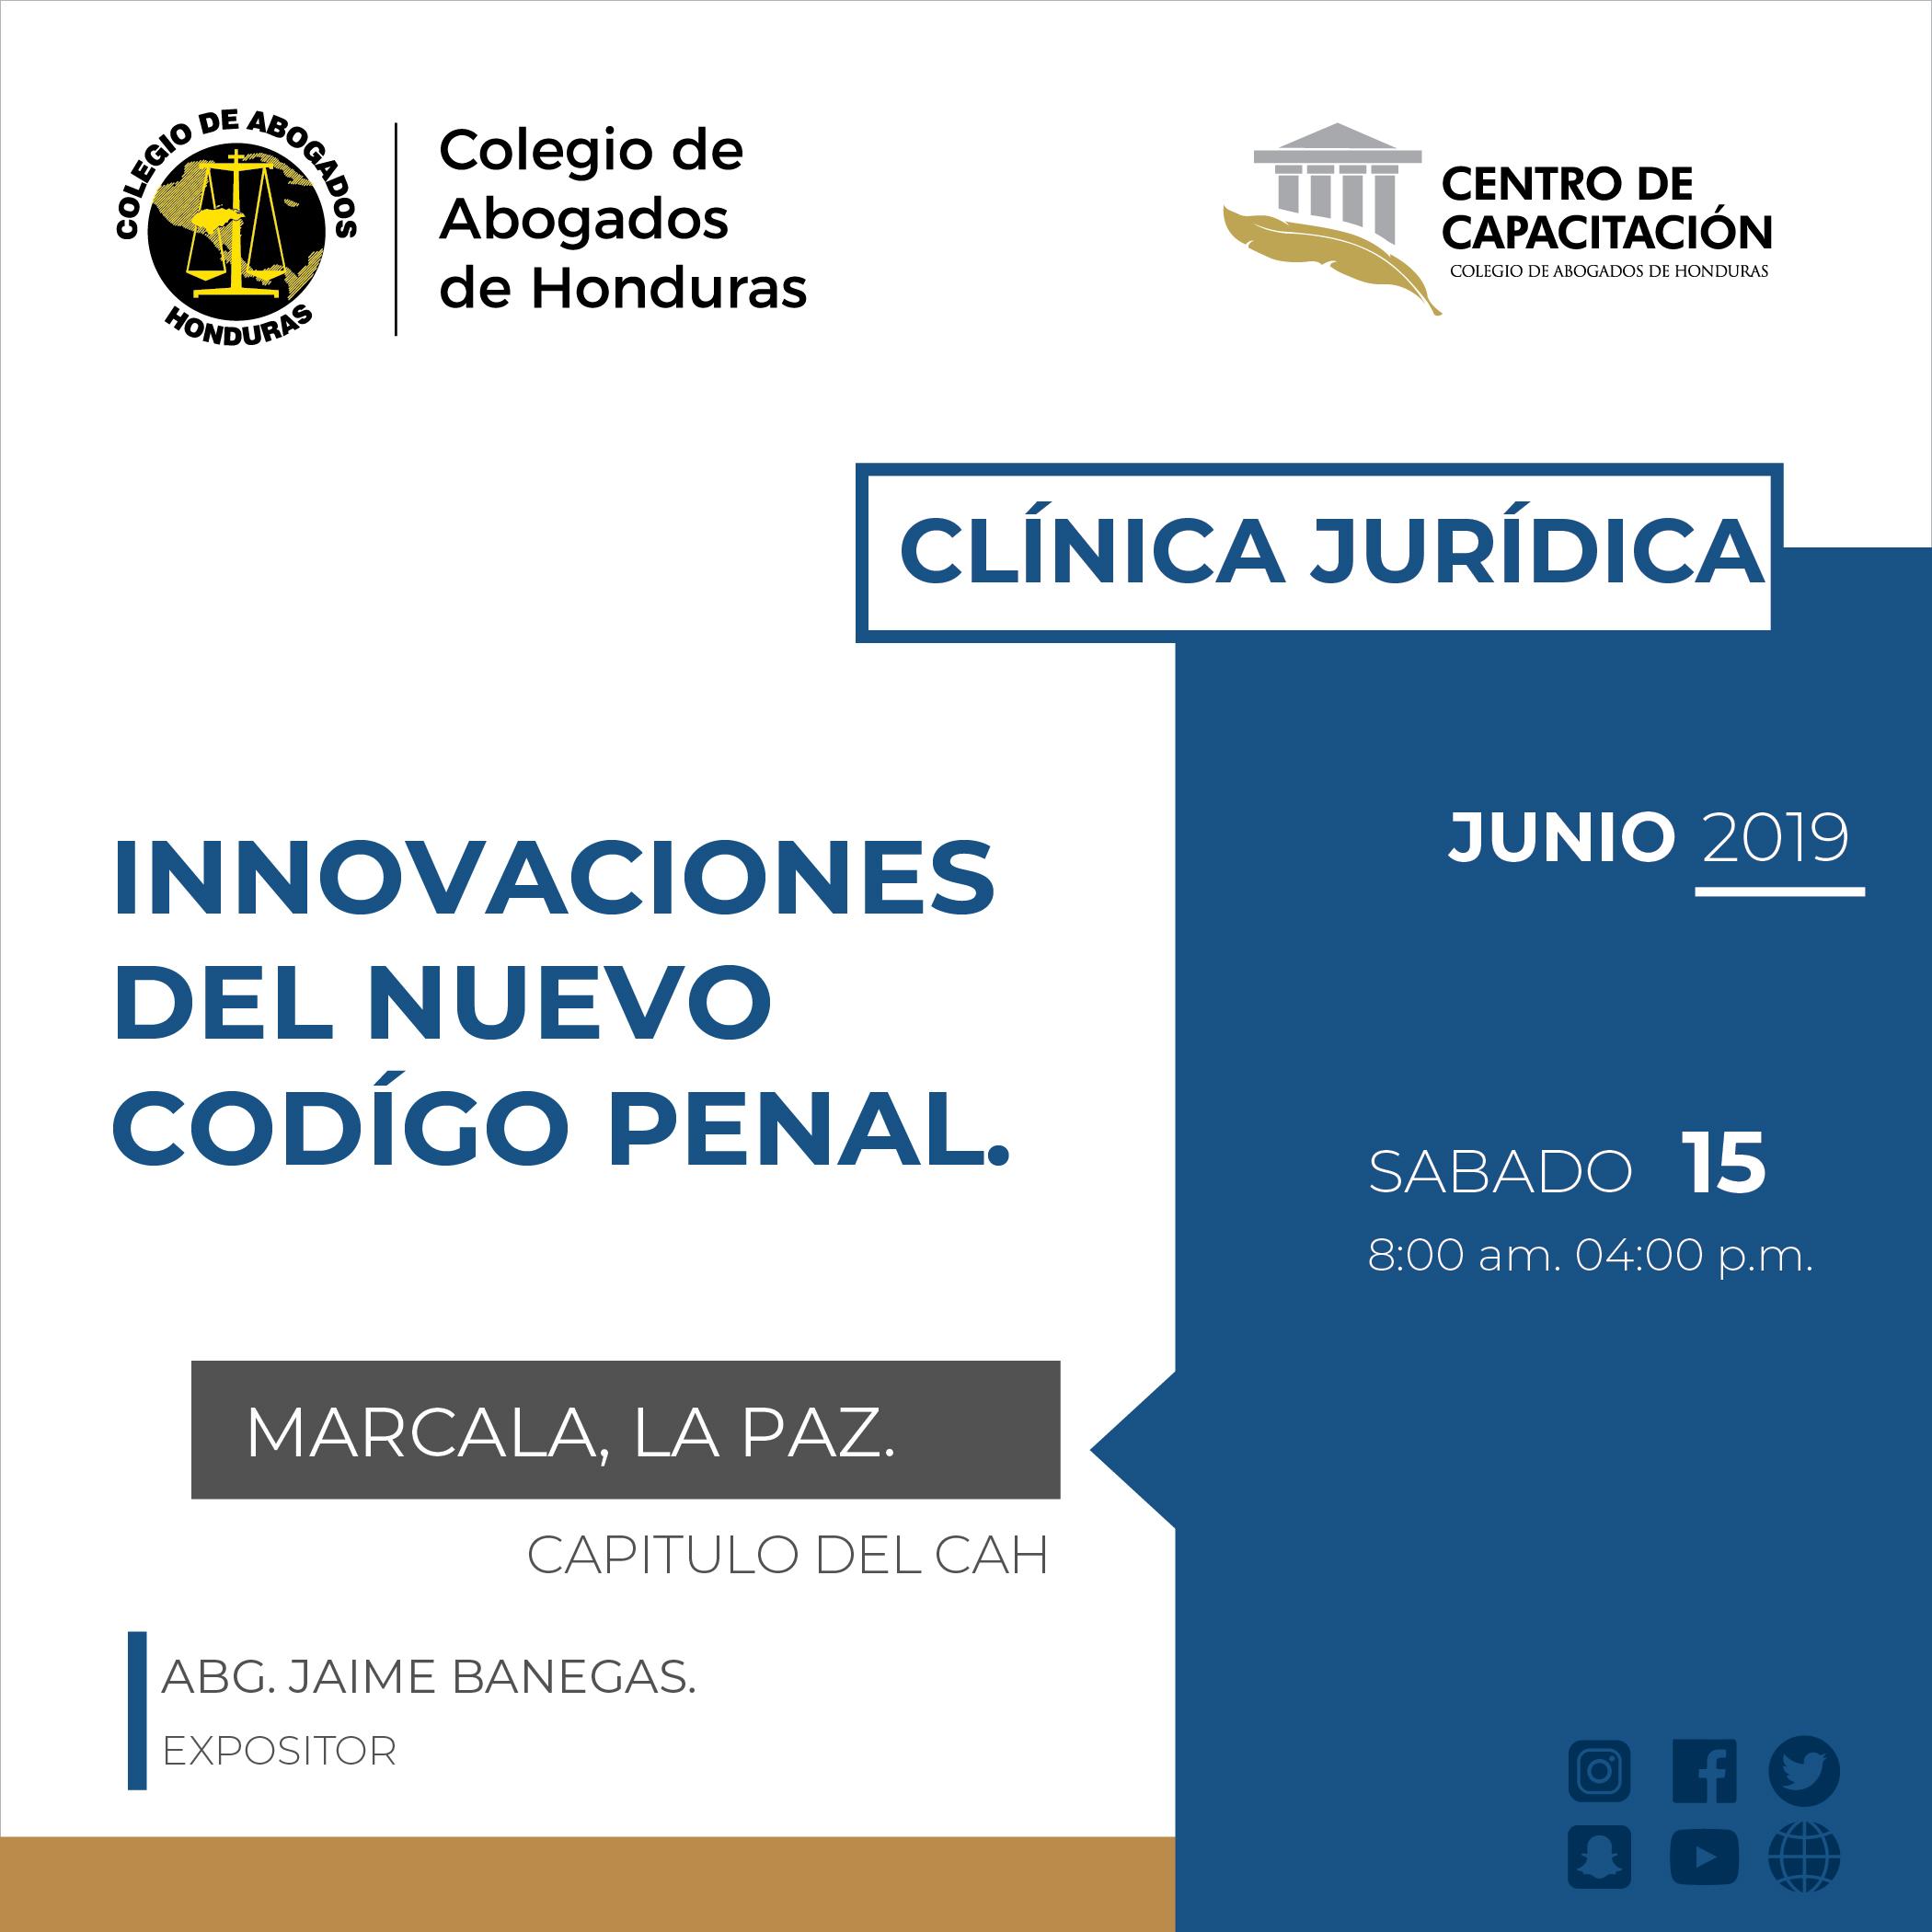 Marcala, La Paz 15 junio-01